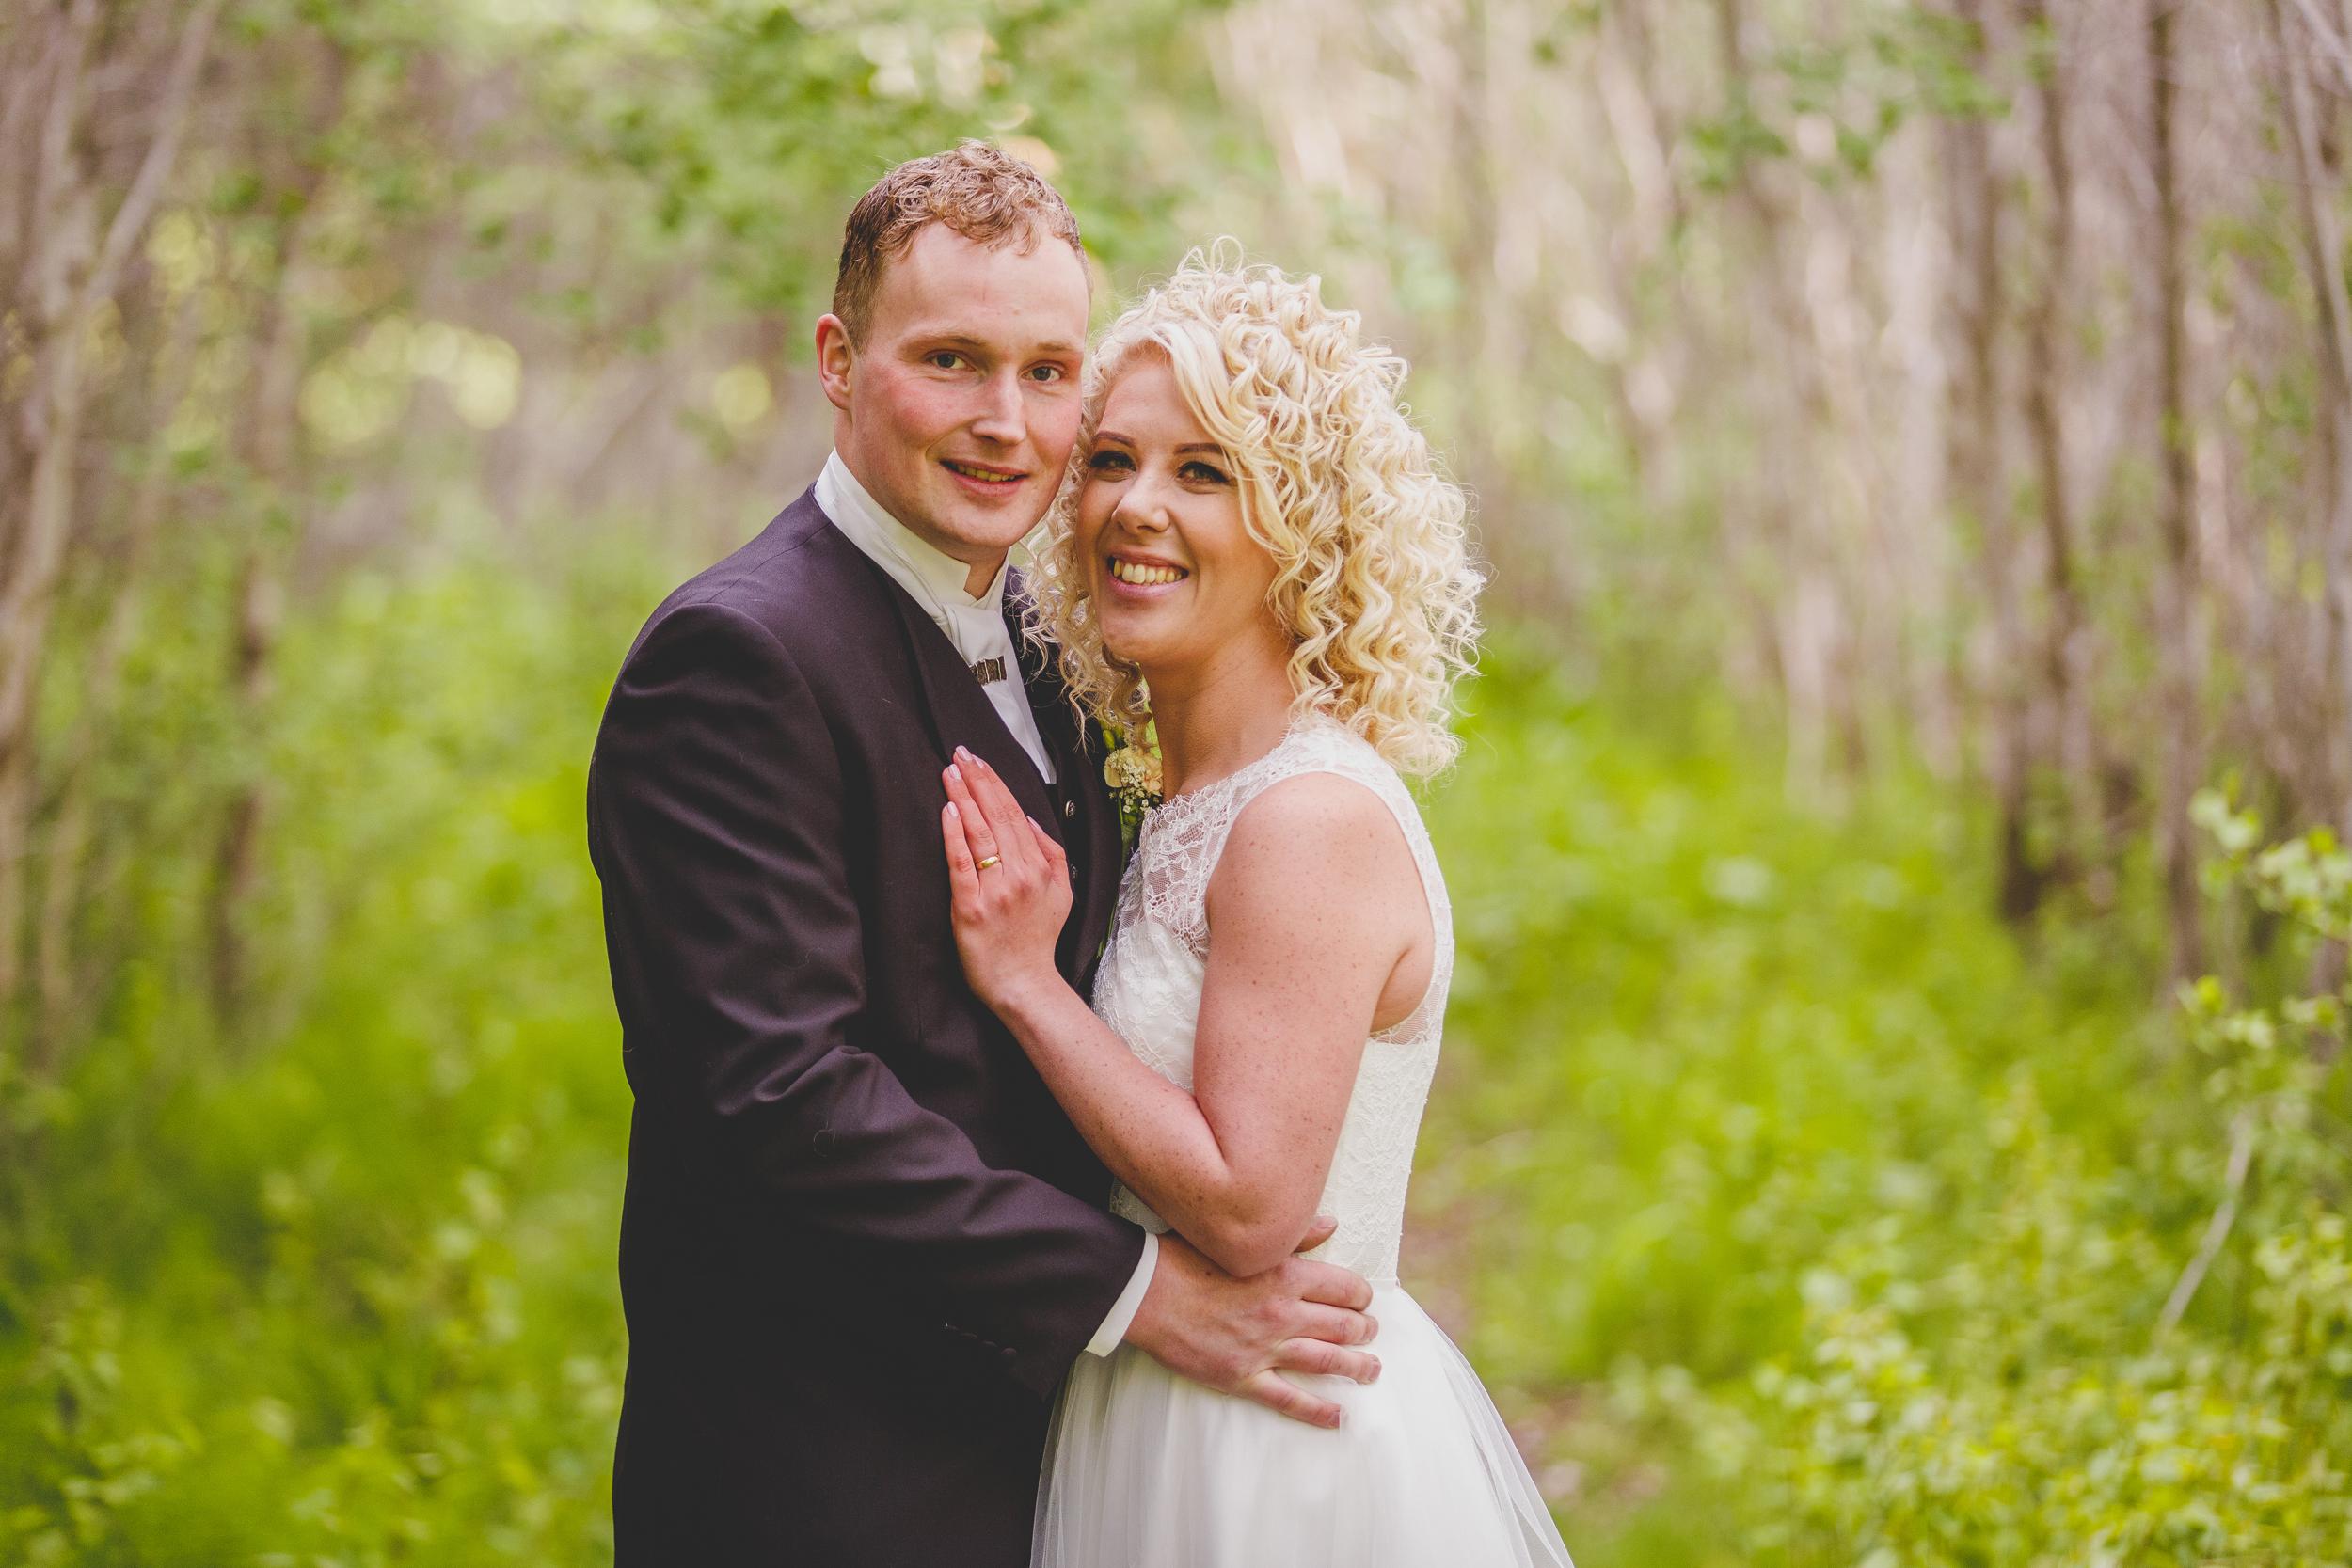 Brudkaup01-206.jpg